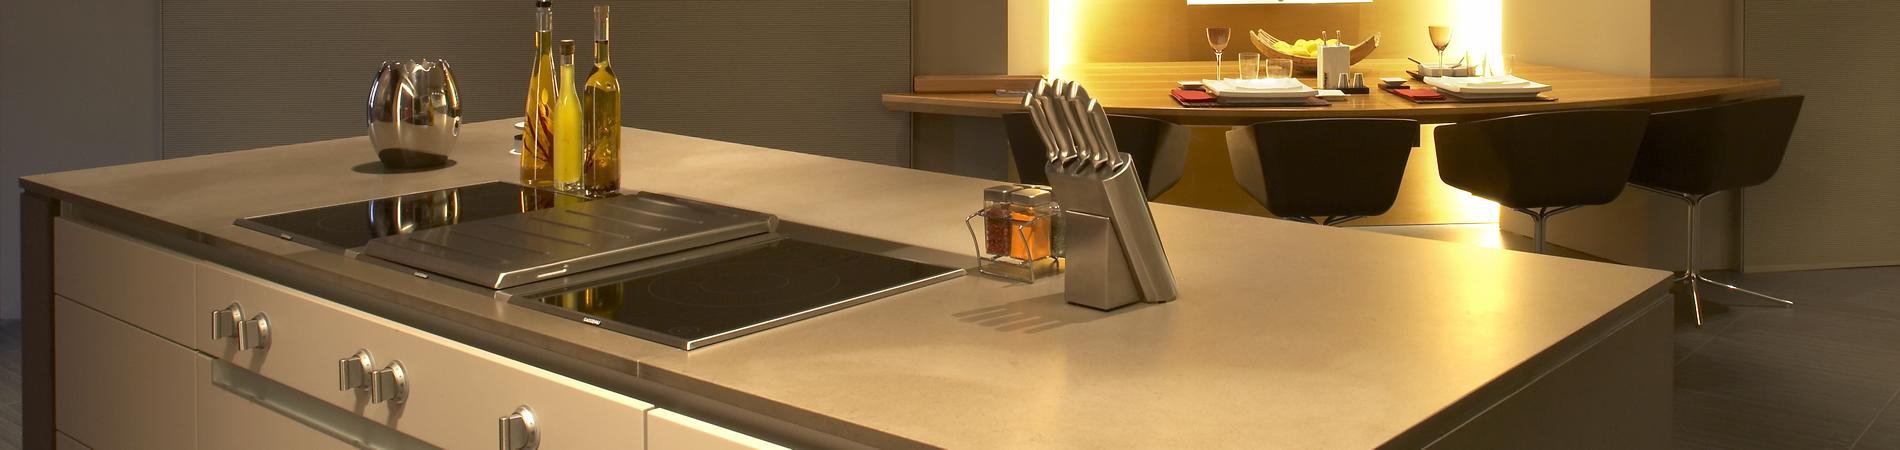 k chenarbeitsplatten preise g nstige preise f r ihre k che. Black Bedroom Furniture Sets. Home Design Ideas